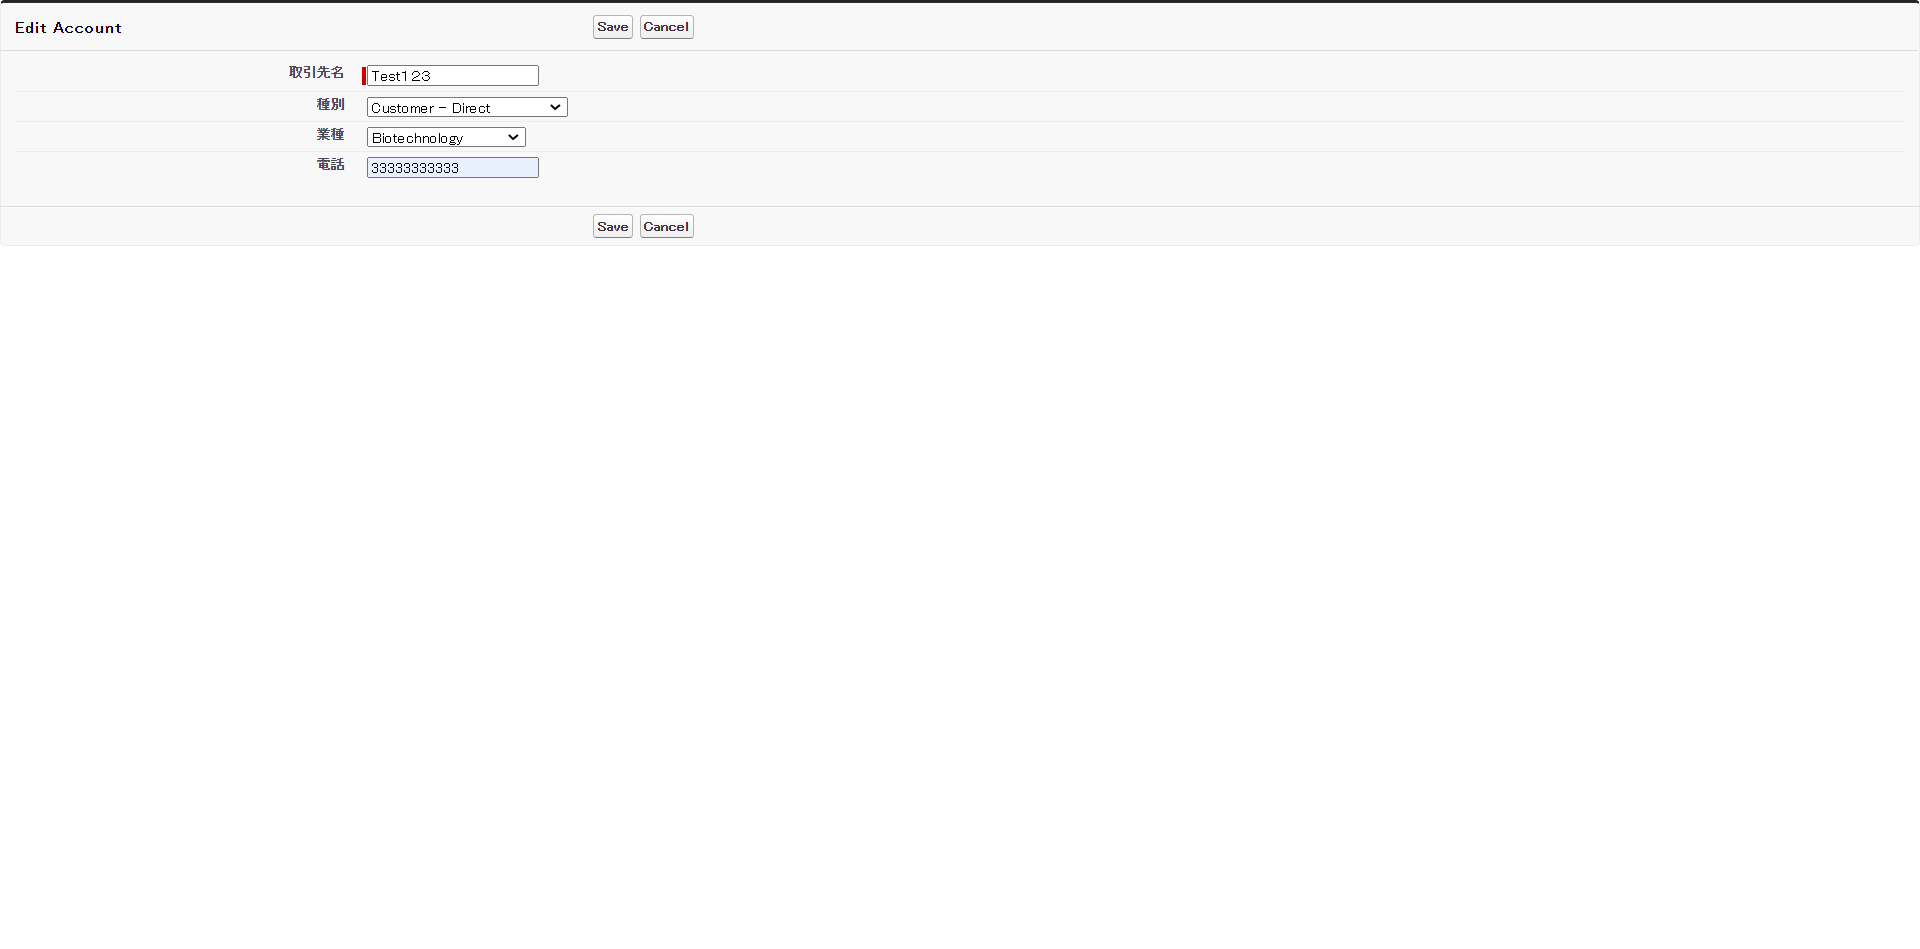 Apex+VisualforceでAccountオブジェクトのCRUDとページングクエリーUーAccountを更新(005)